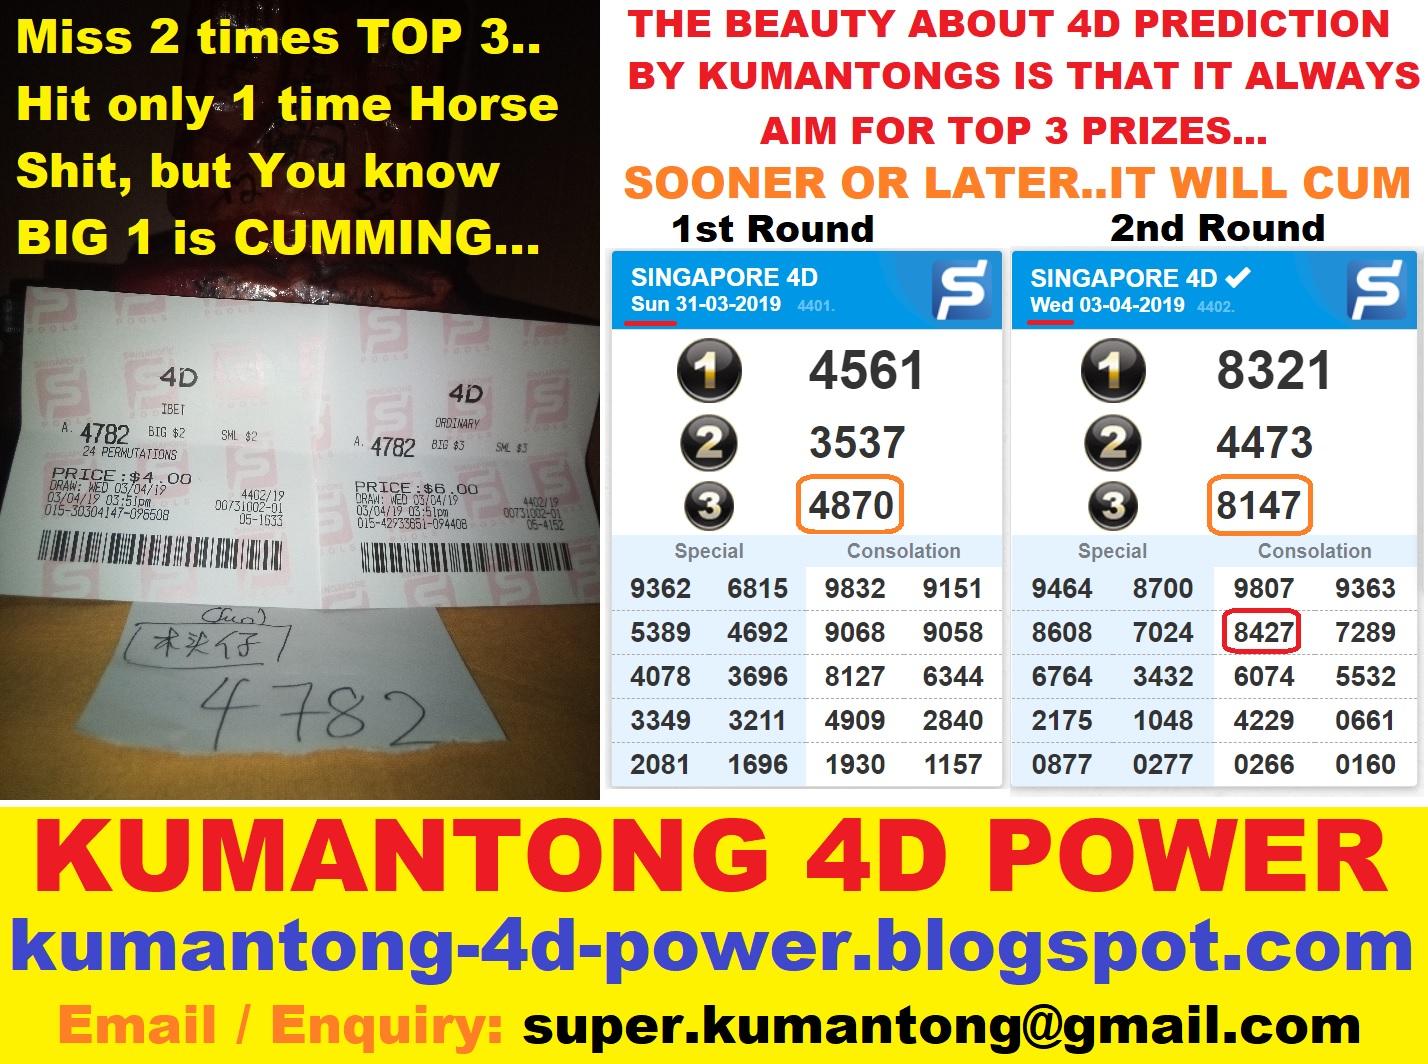 KUMANTONG 4D POWER